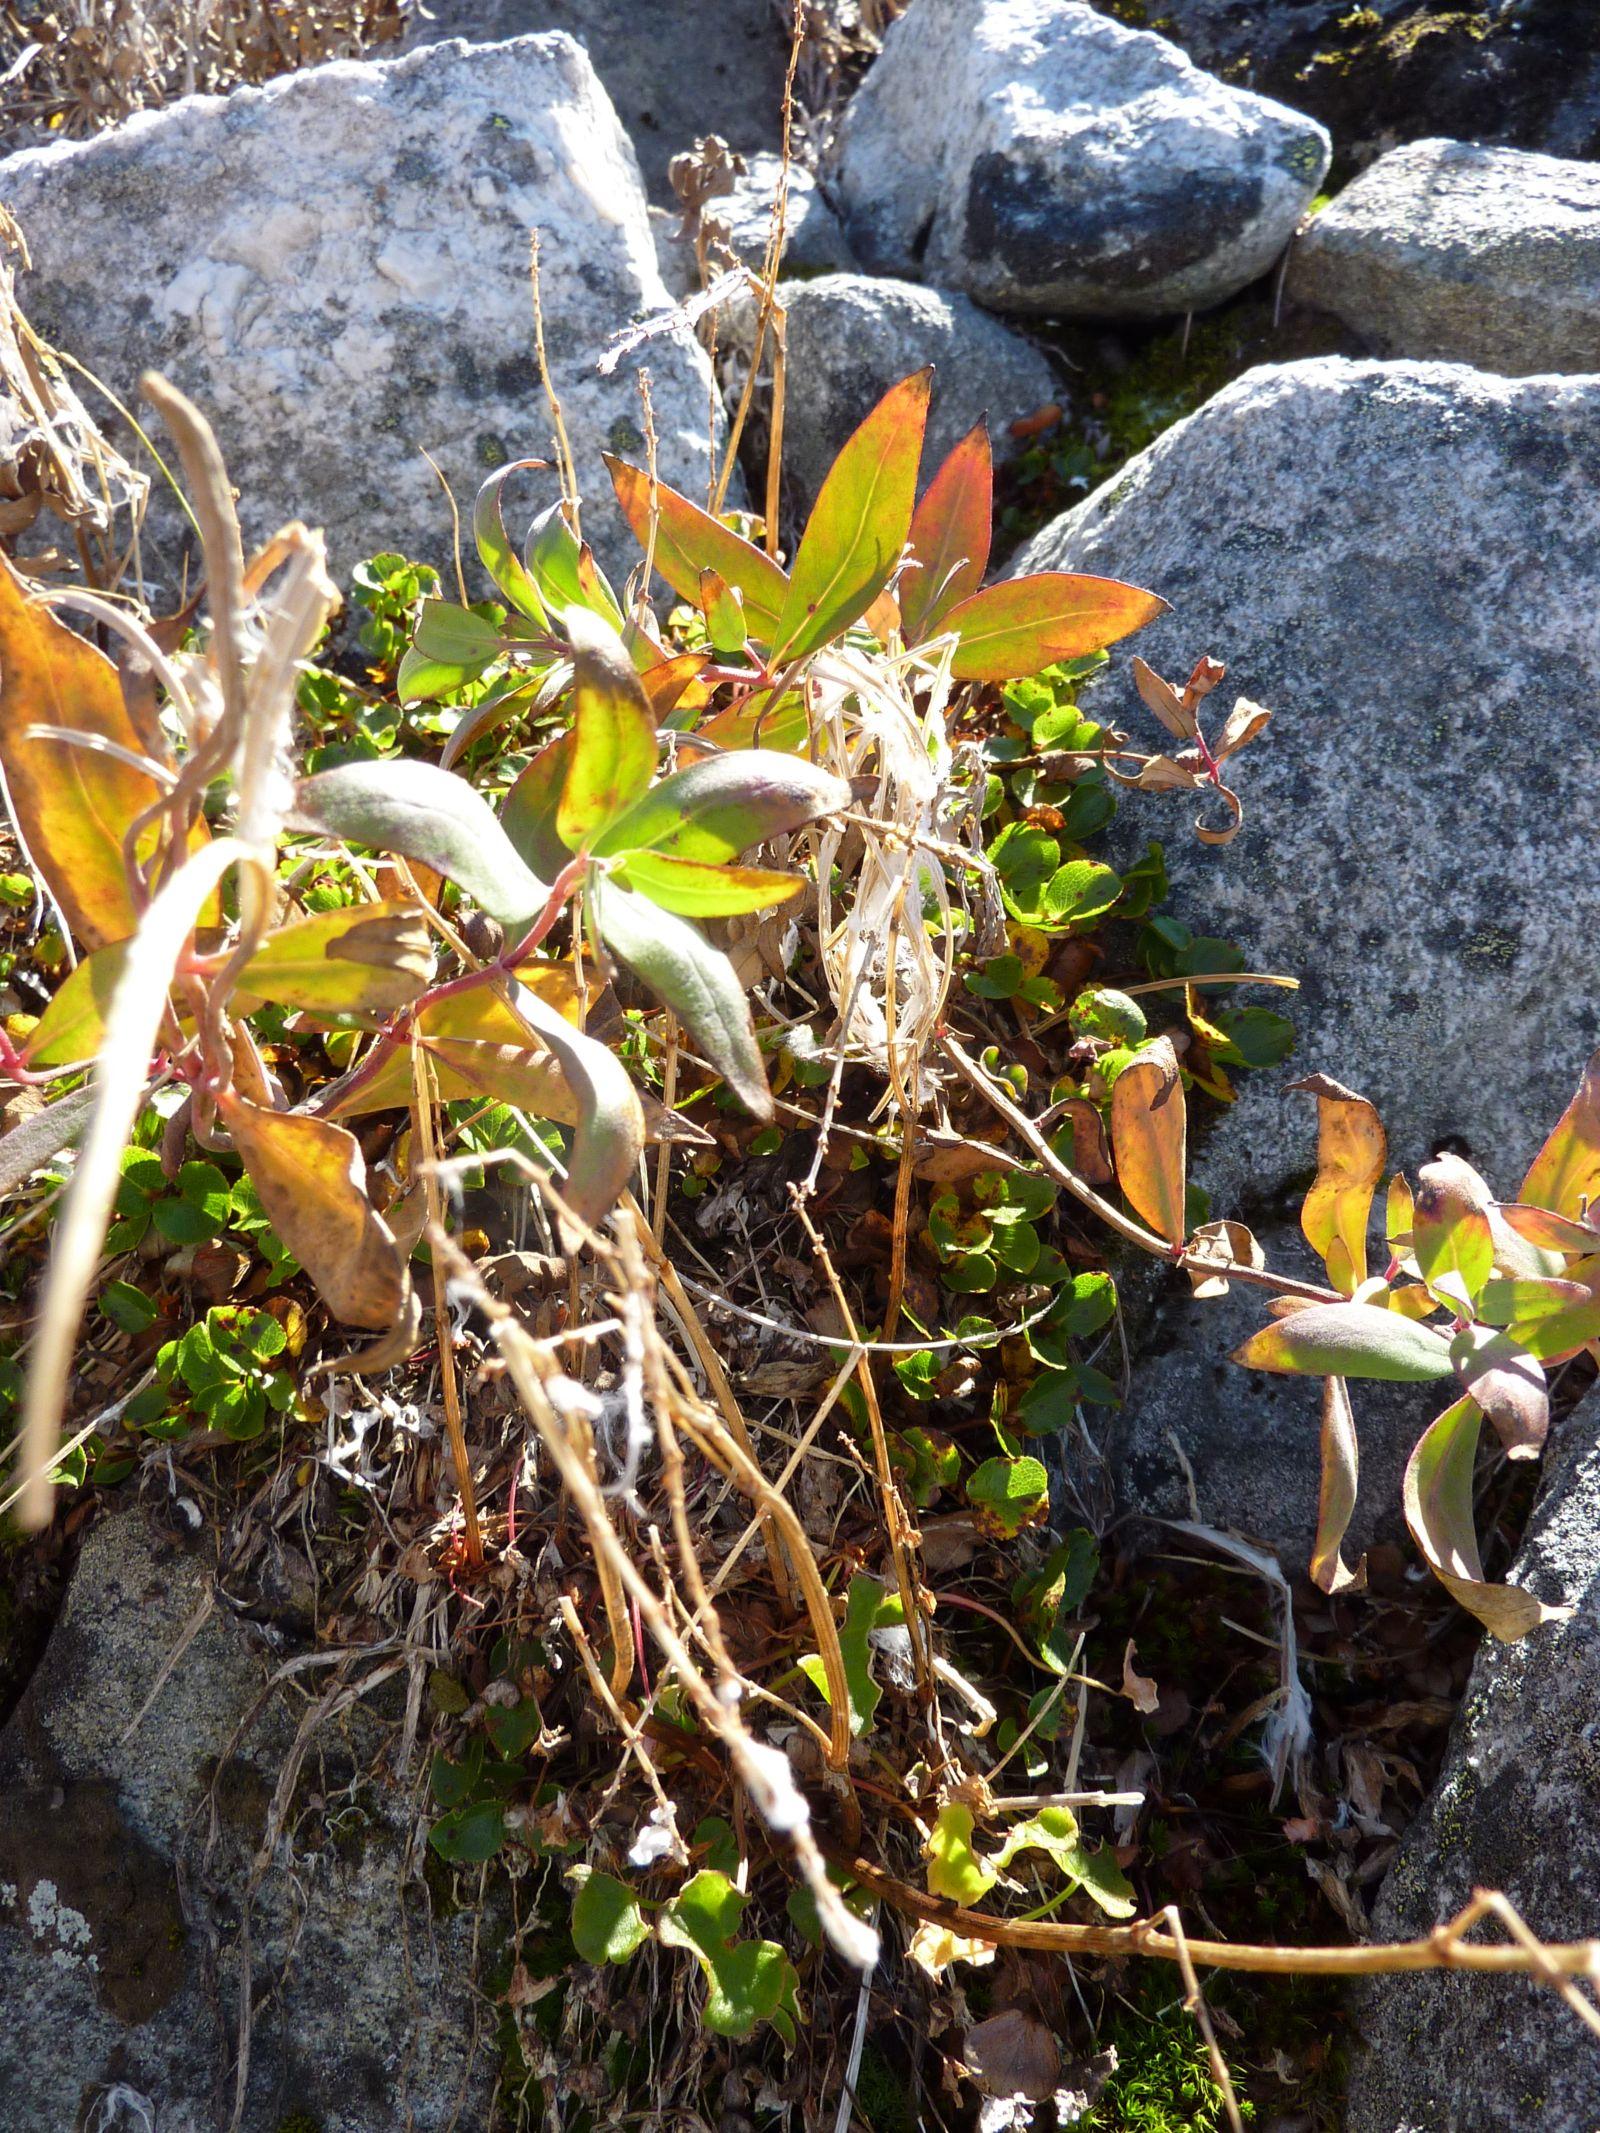 2010-09-07-1411_-_Vegetation_2